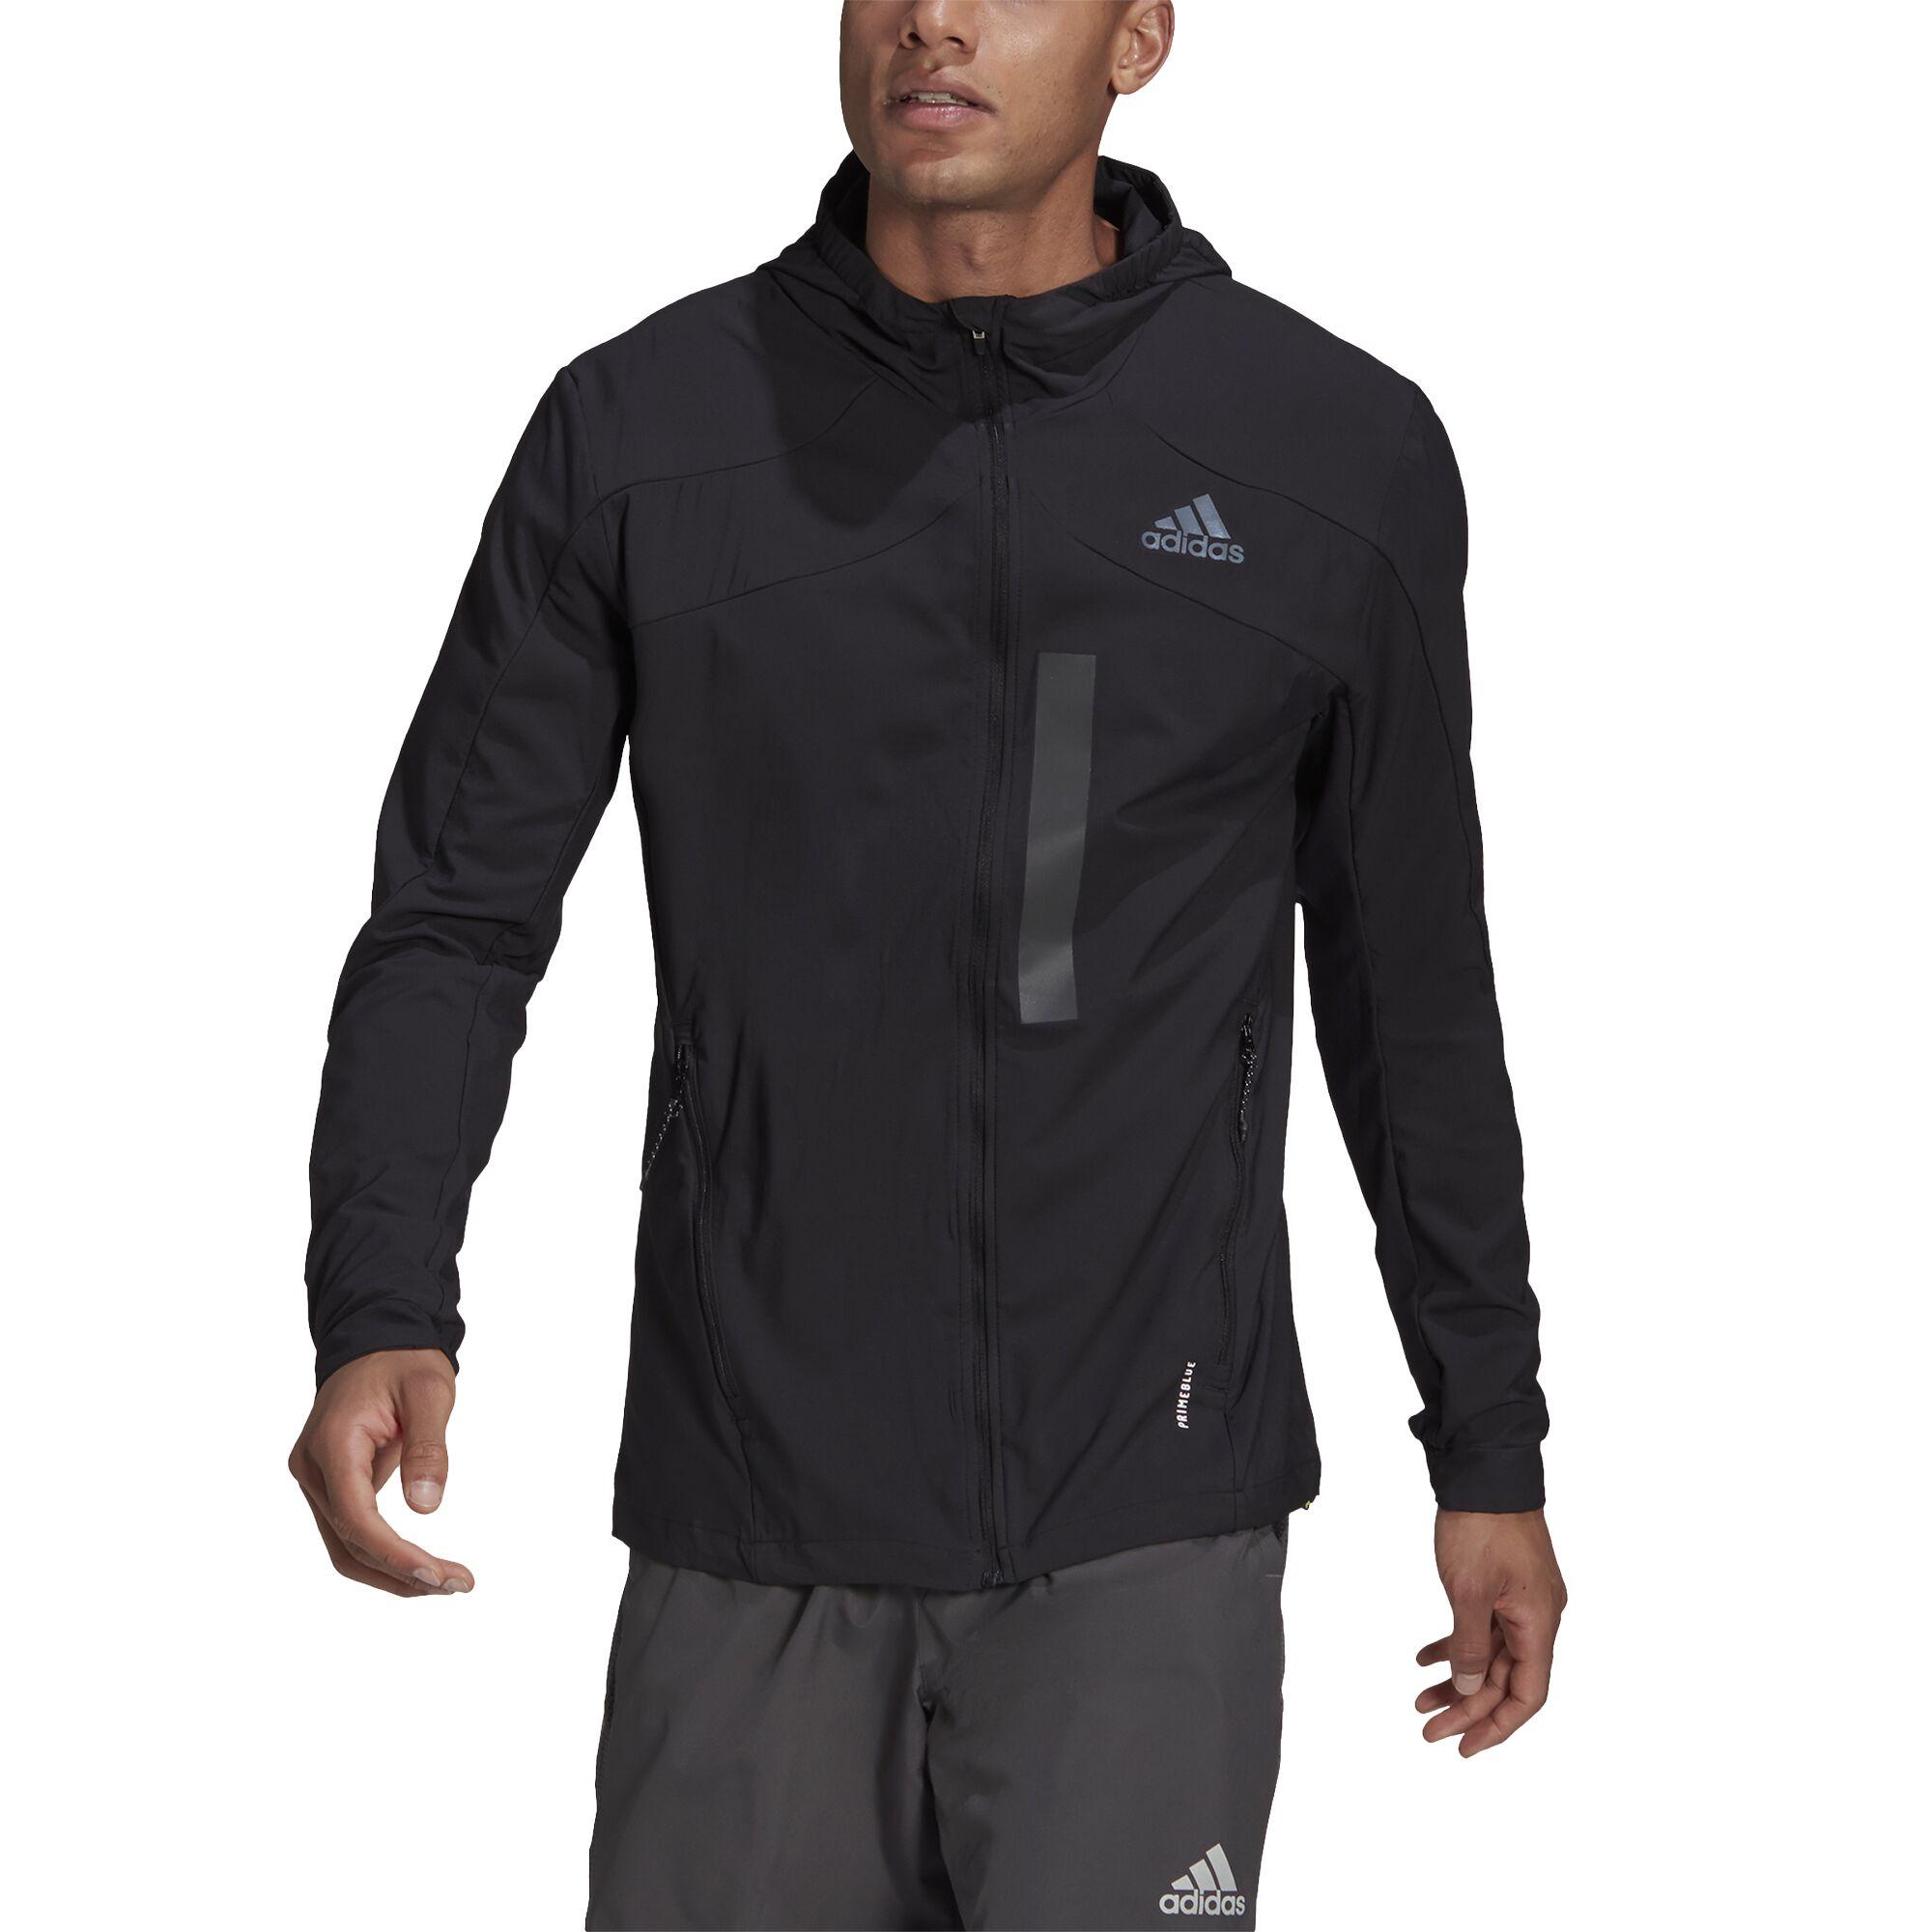 adidas Marathon Jacket (Black)